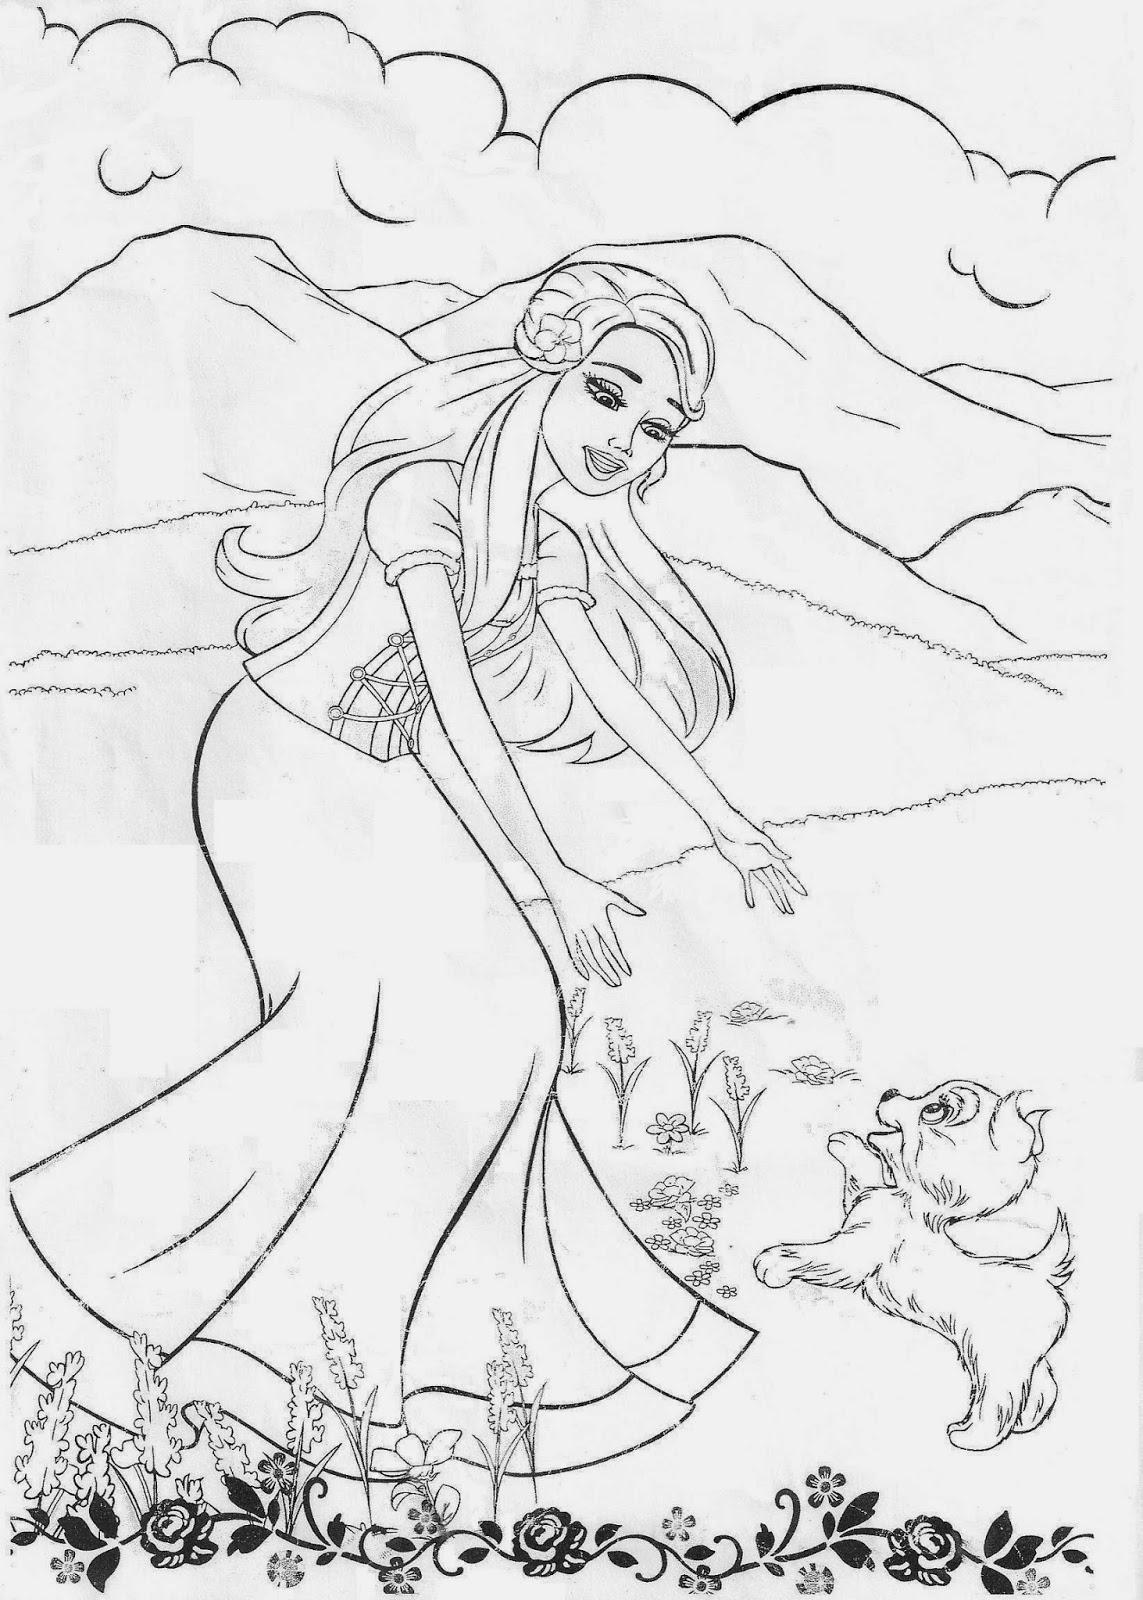 Barbie coloring pages images of bones ~ Desenhos Barbie de Colorir | Desenhos para colorir